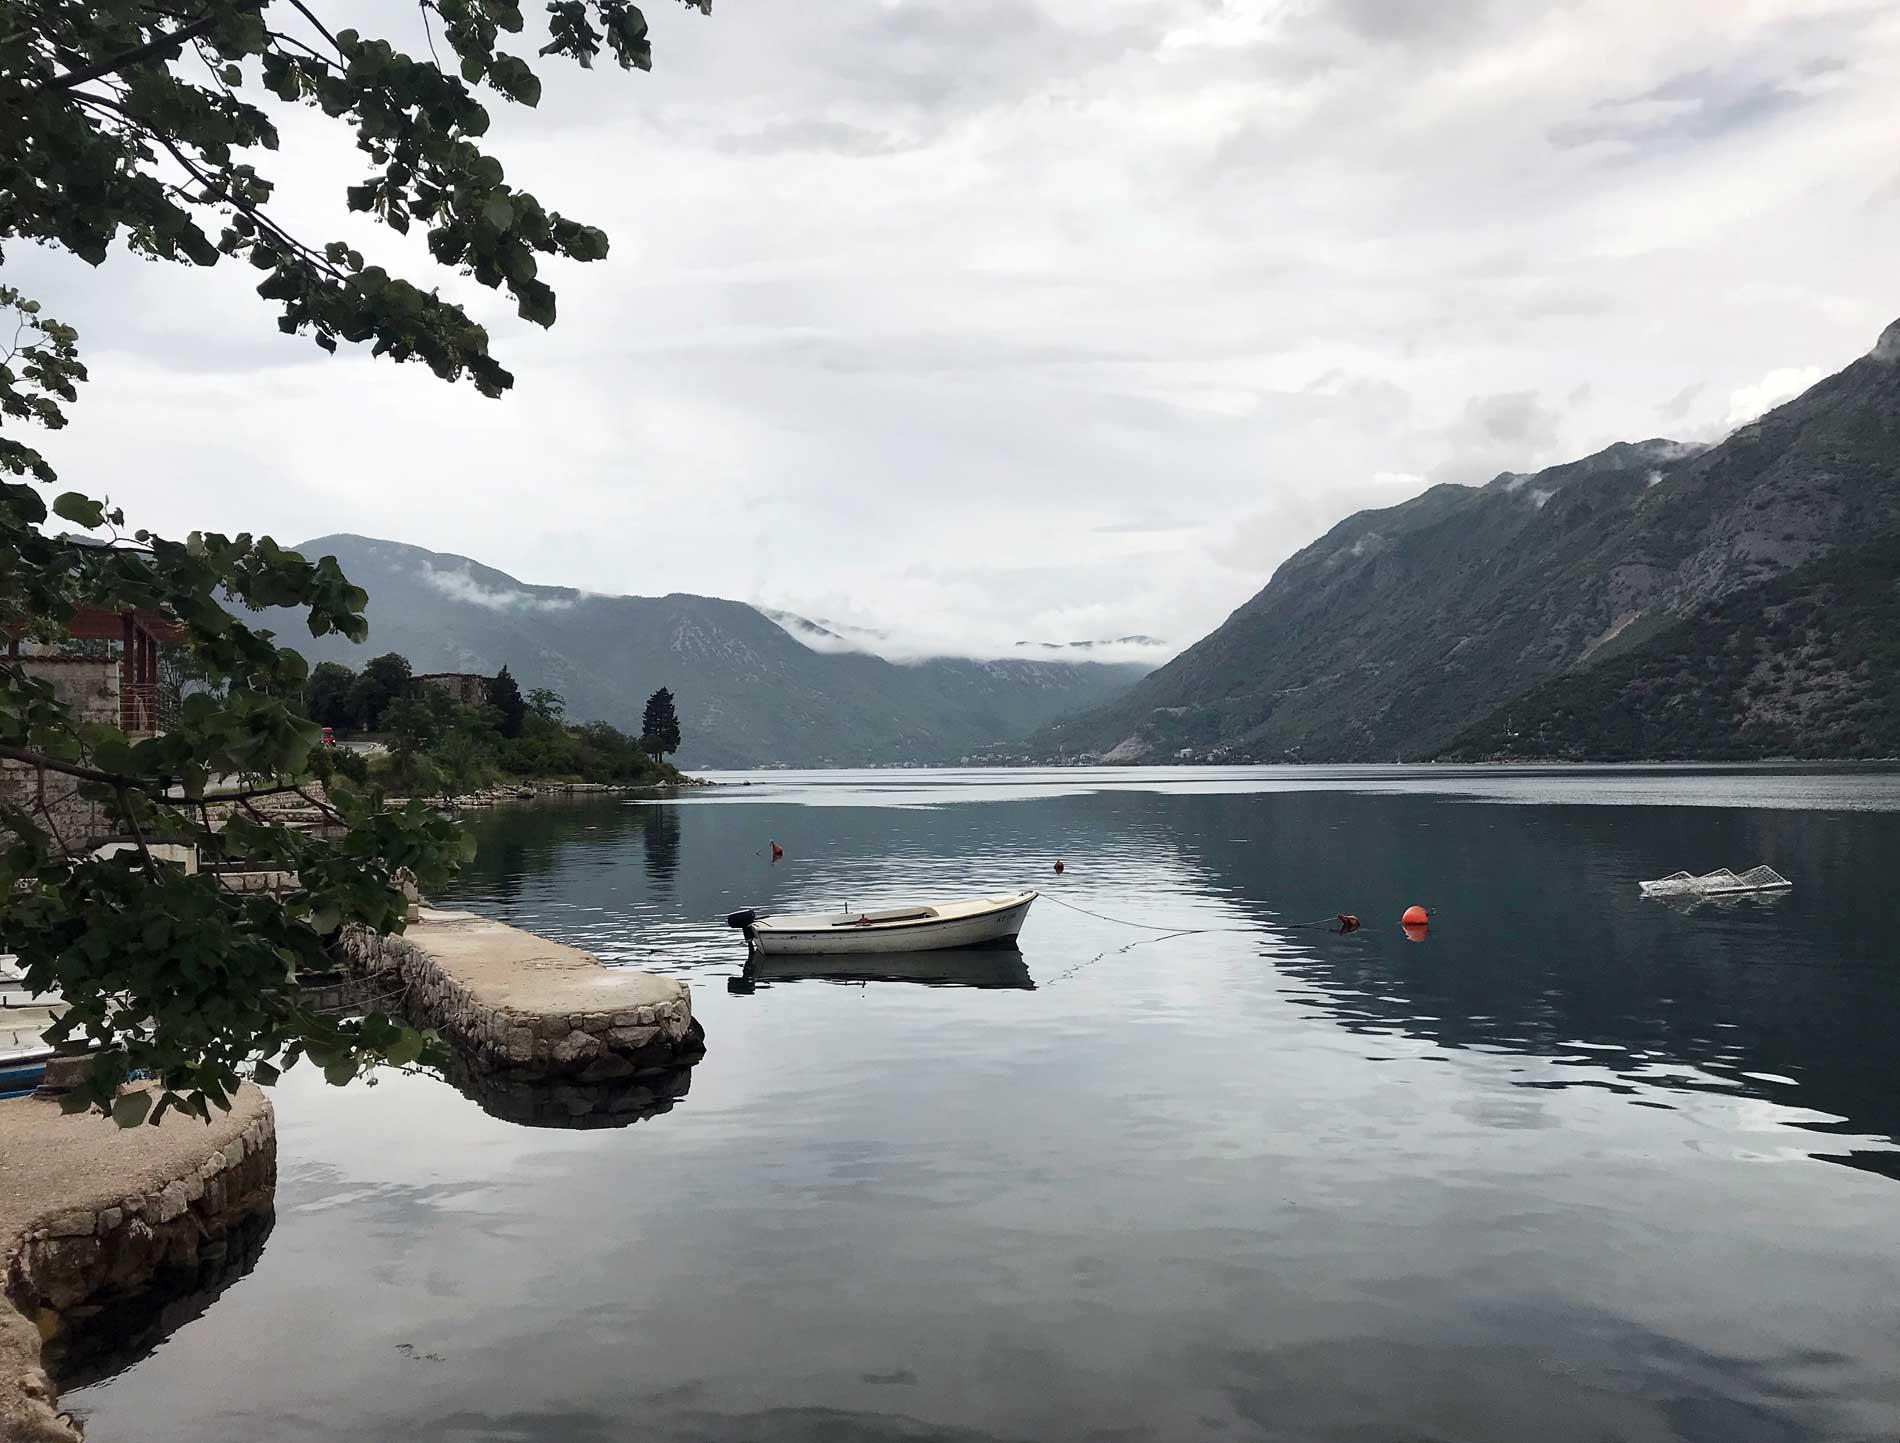 Bocche-di-Cattaro-Montenegro-Risan-mare-barca-montagne